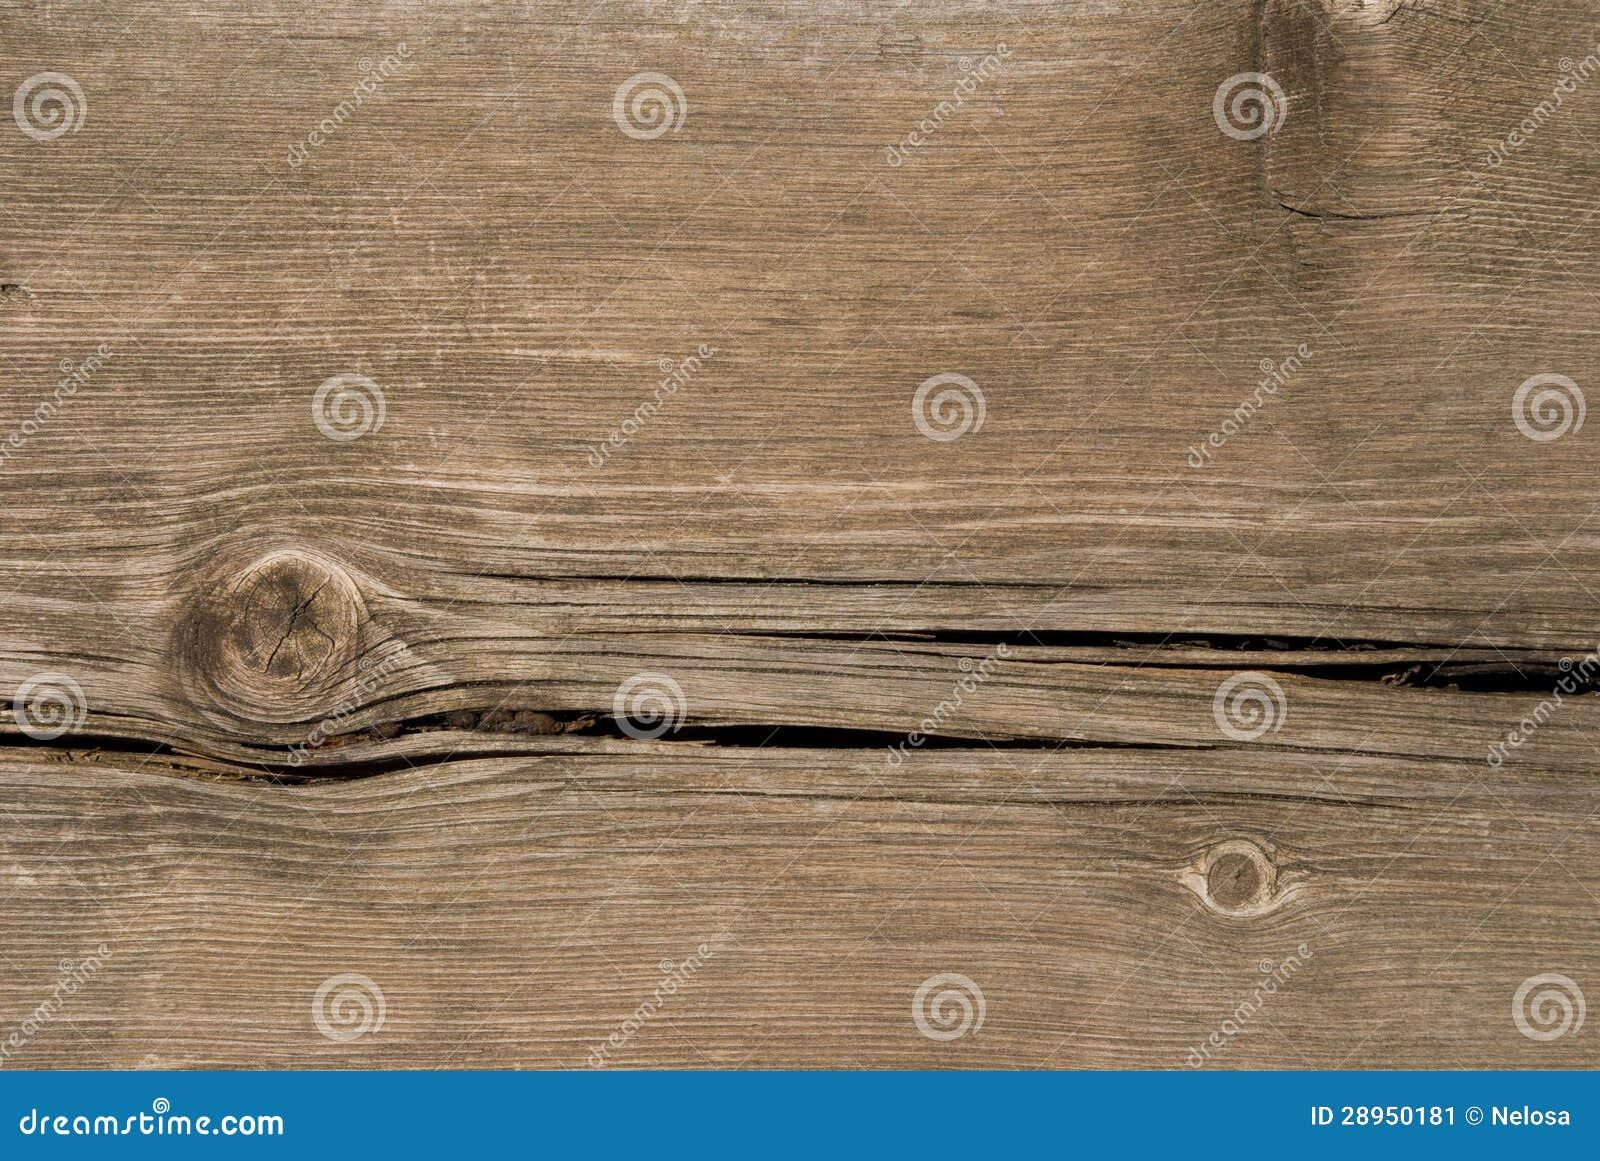 Drewno jako tekstura